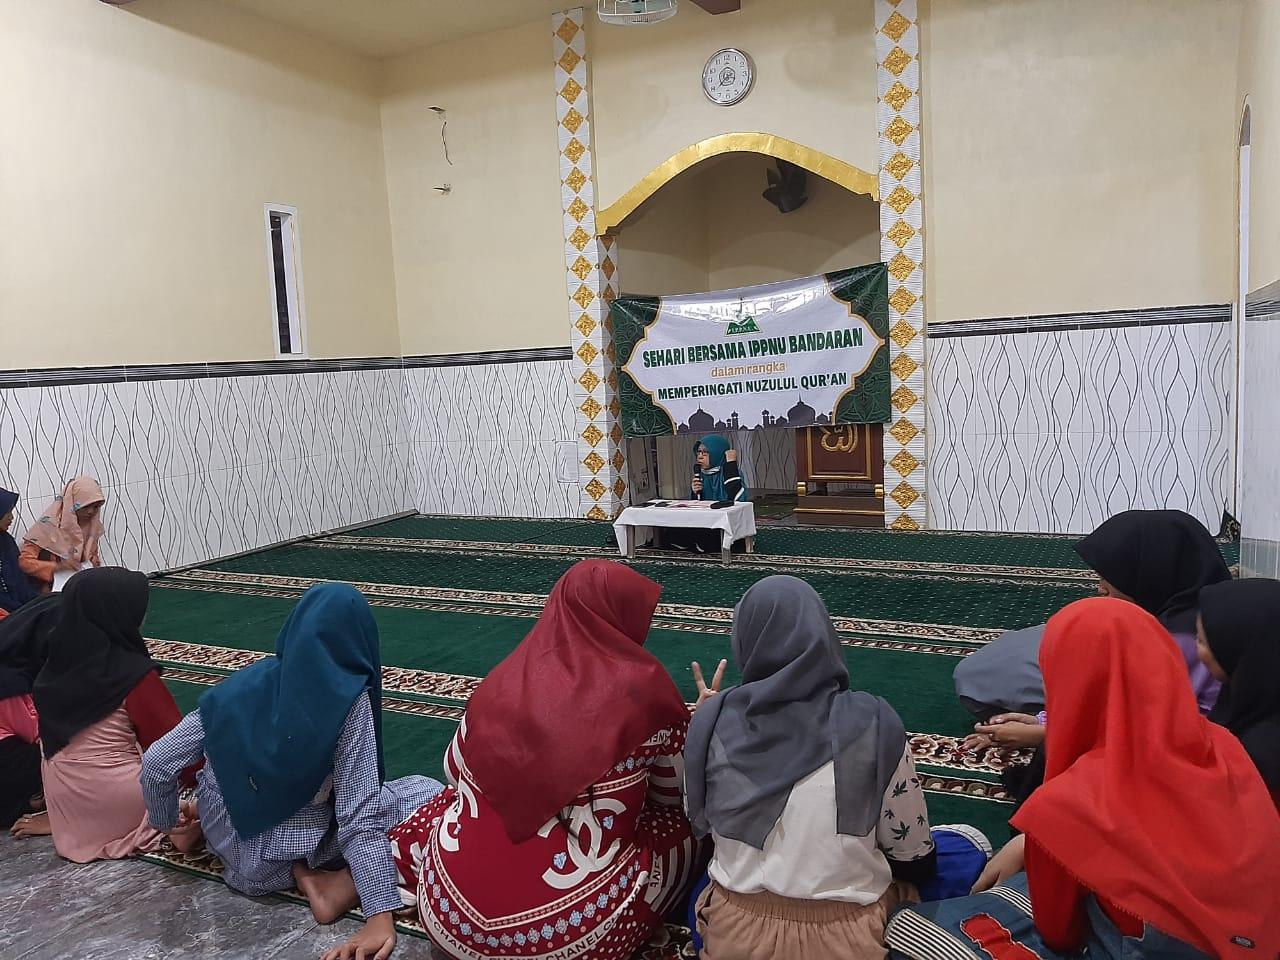 IPPNU Bandaran Peringati Nuzullul Qur'an Dengan Mengkaji Kandungan Suroh Al-Qadar